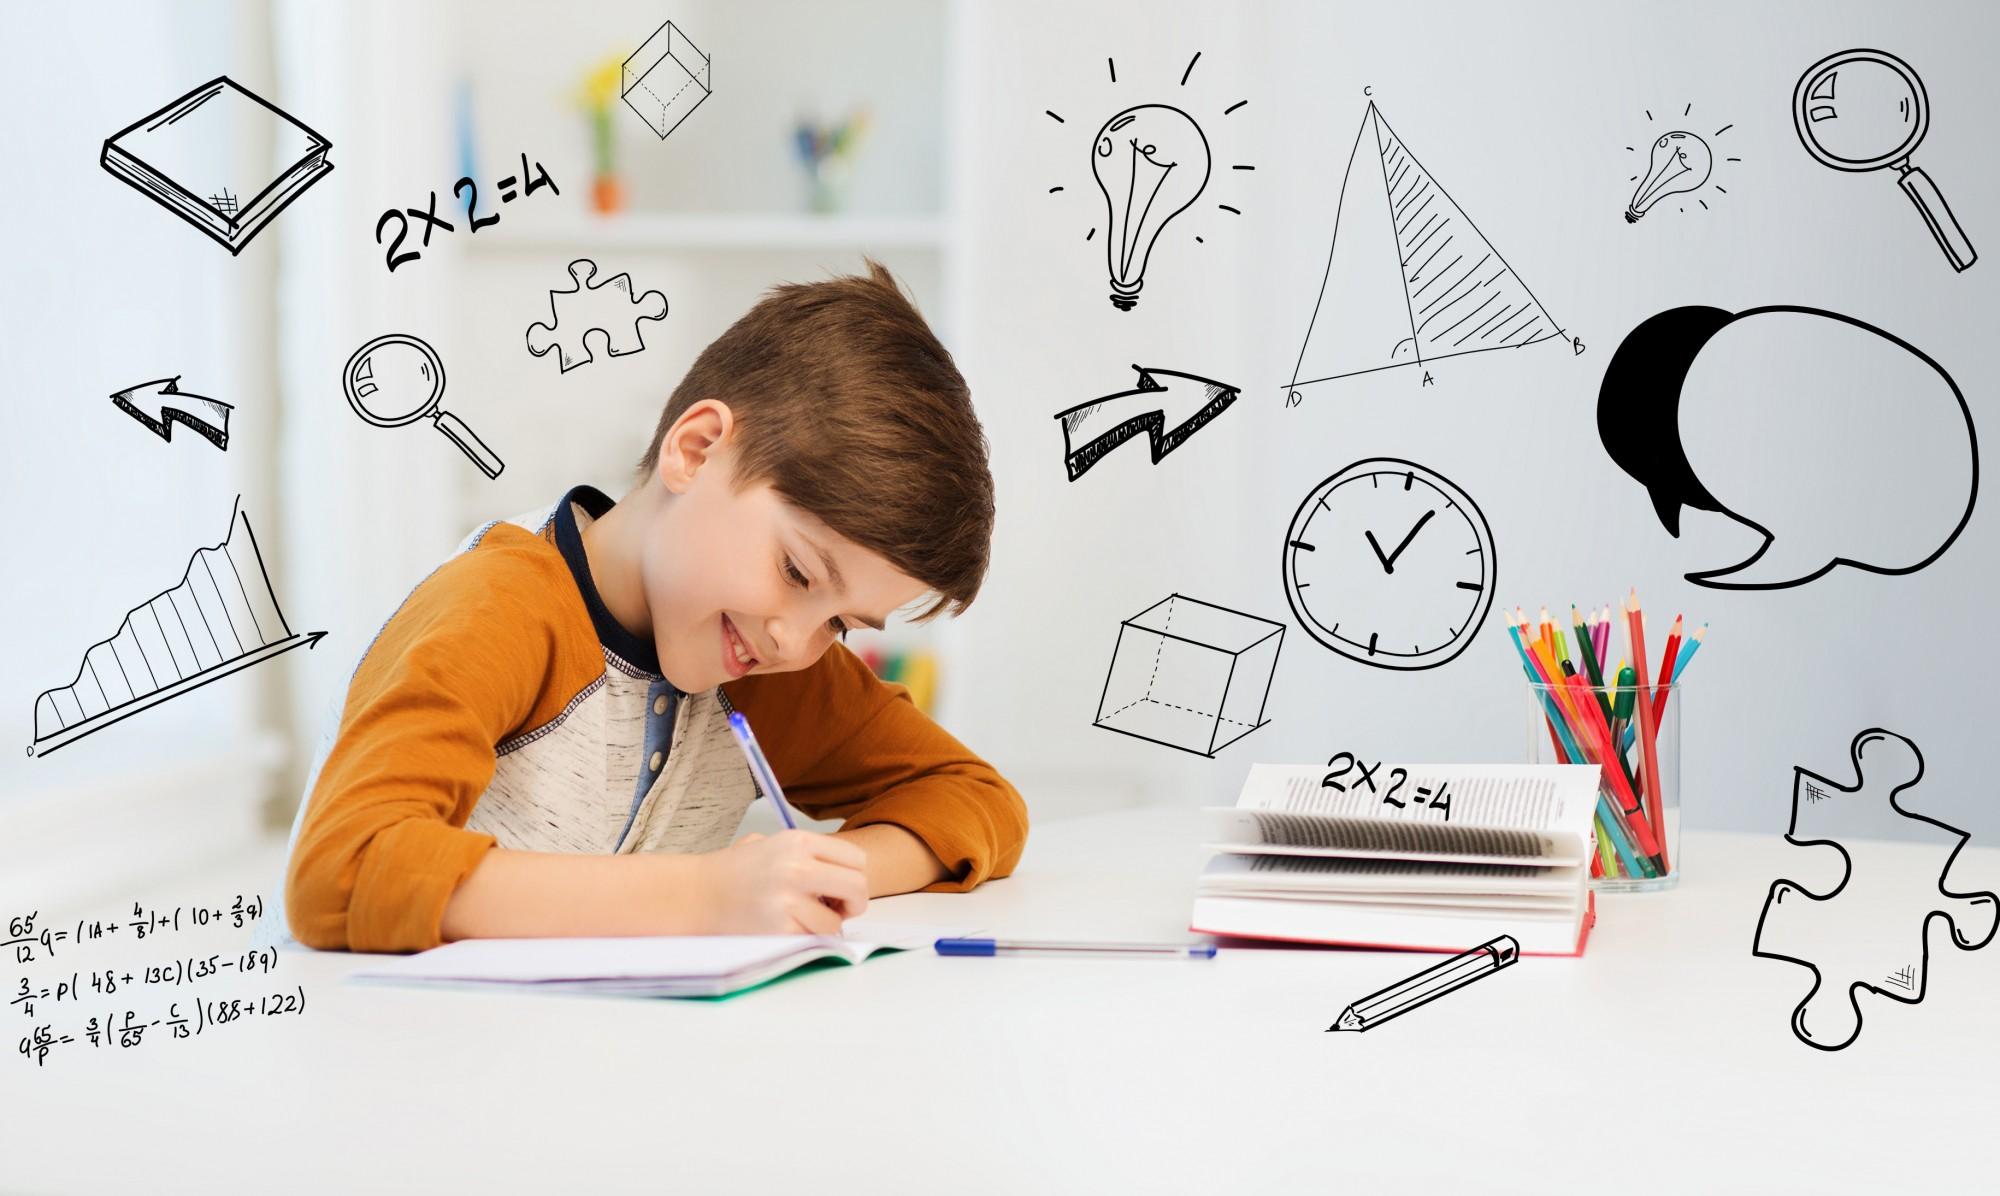 Matematika ikimokykliniame amžiuje. Kodėl tai svarbu?